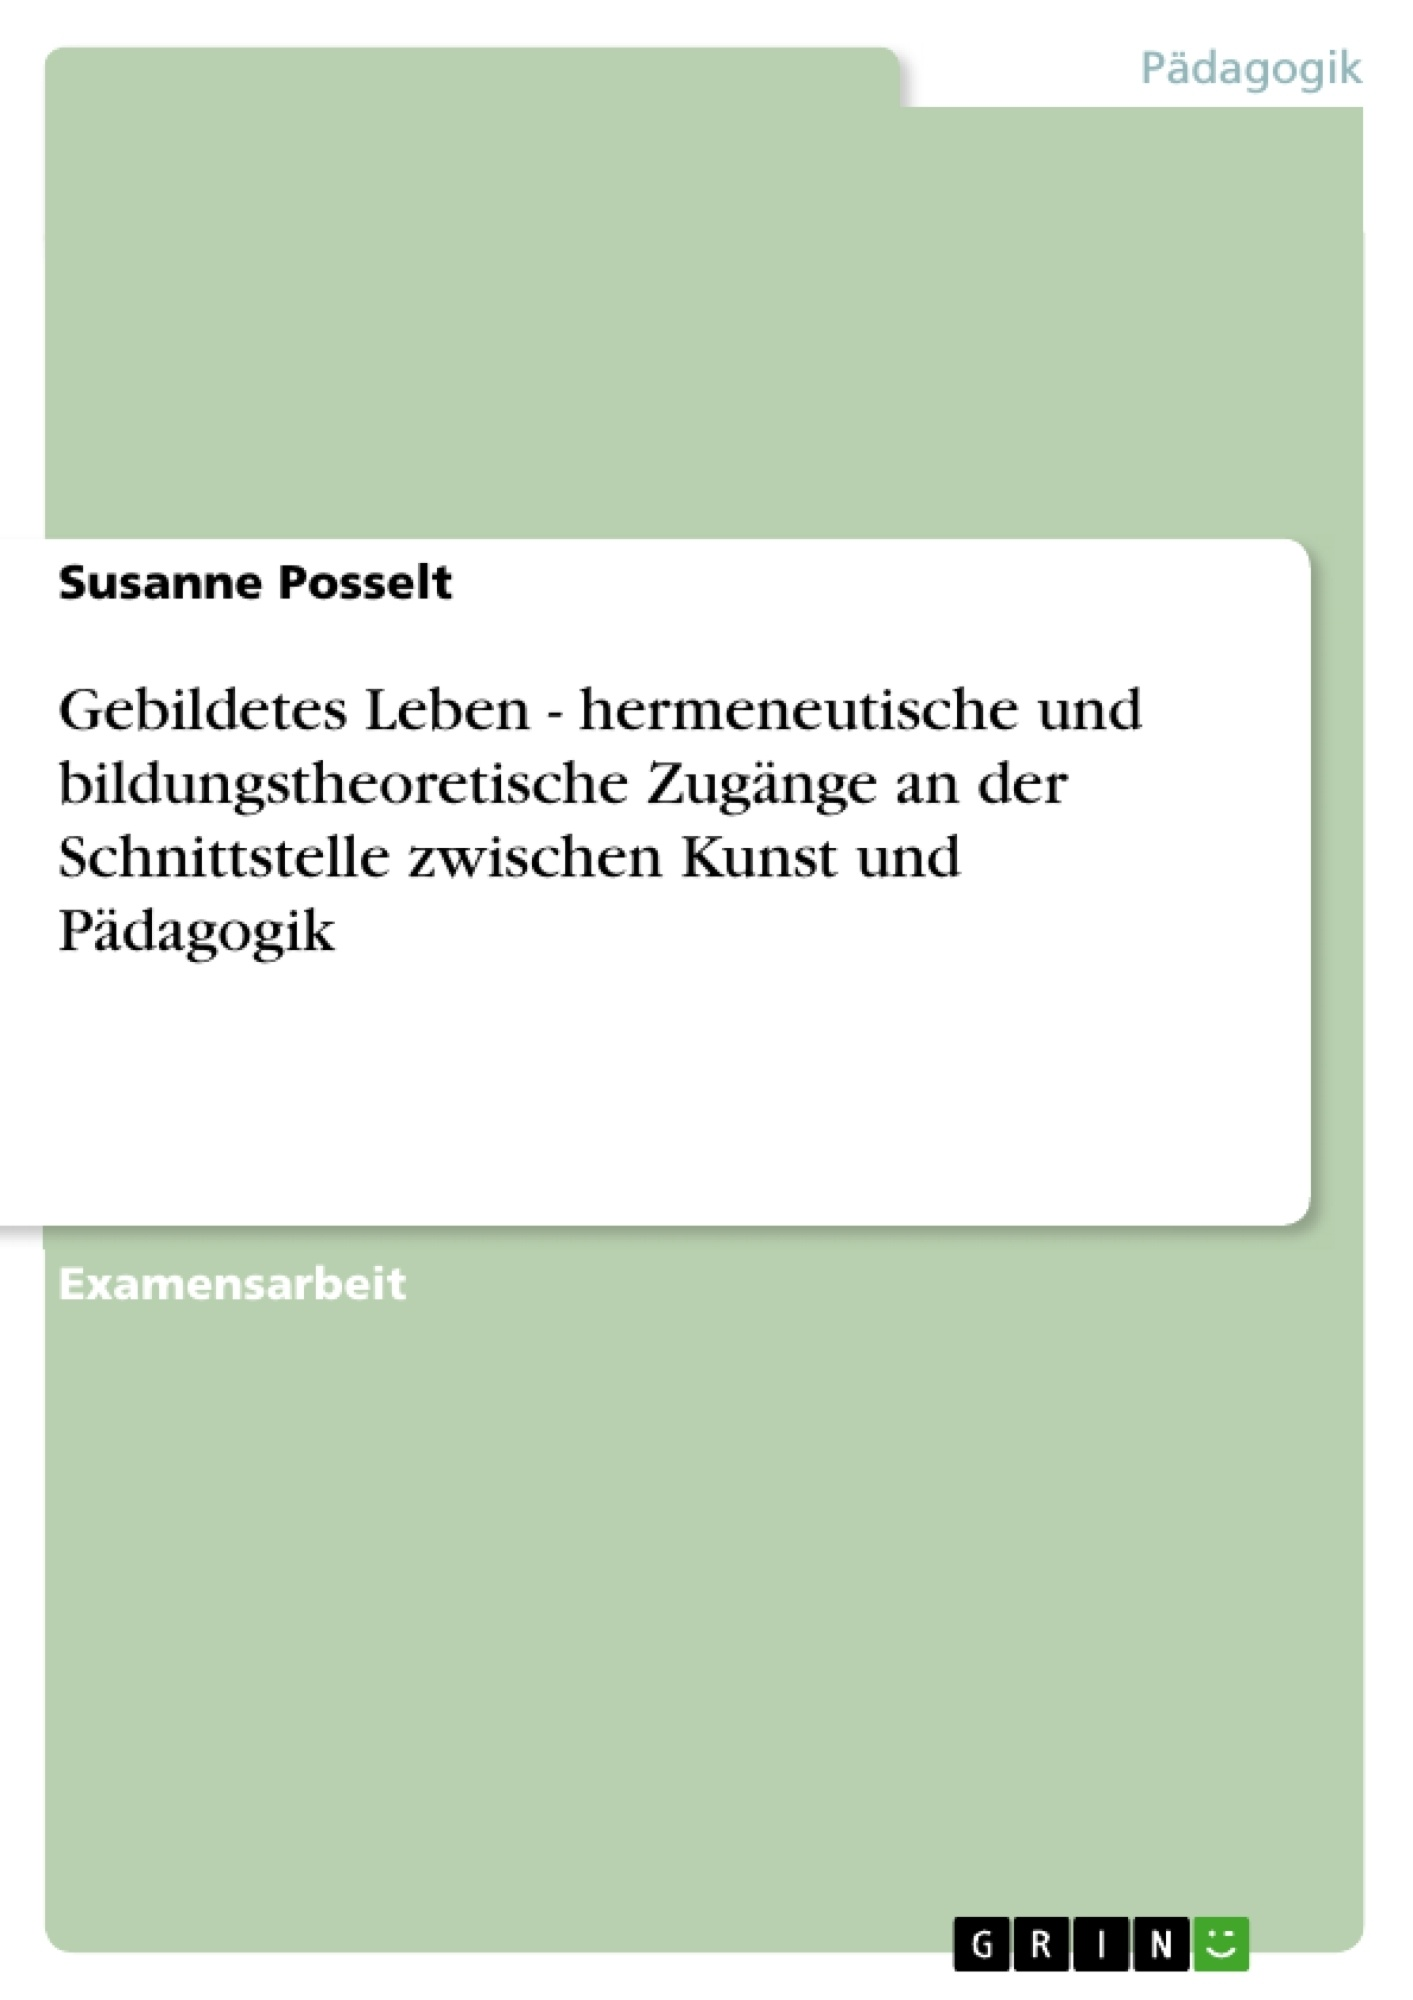 Titel: Gebildetes Leben - hermeneutische und bildungstheoretische Zugänge an der Schnittstelle zwischen Kunst und Pädagogik